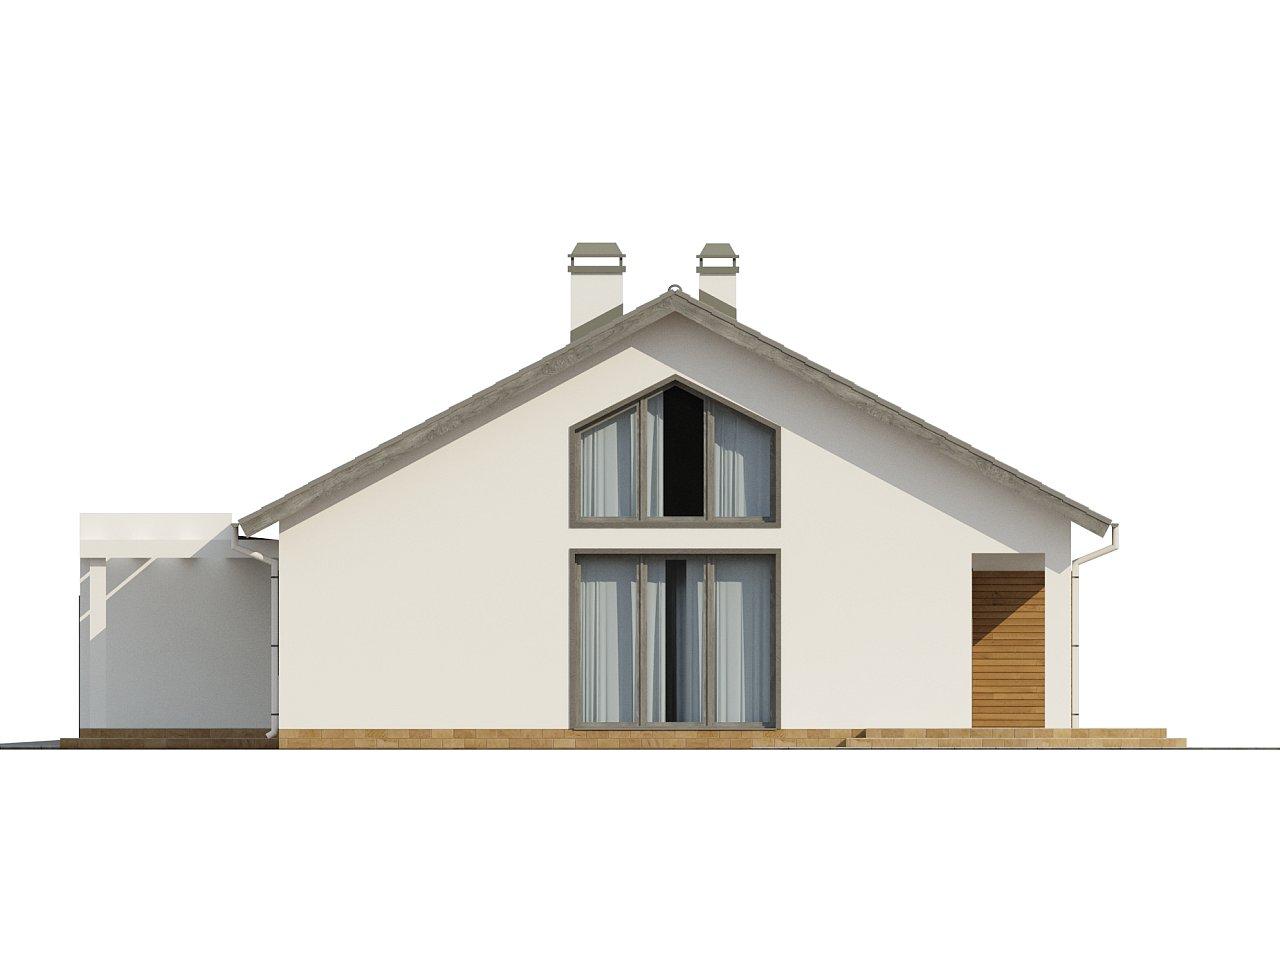 Дом традиционной формы с современными архитектурными дополнениями. Свободная планировка мансарды и антресоль над гостиной. 22